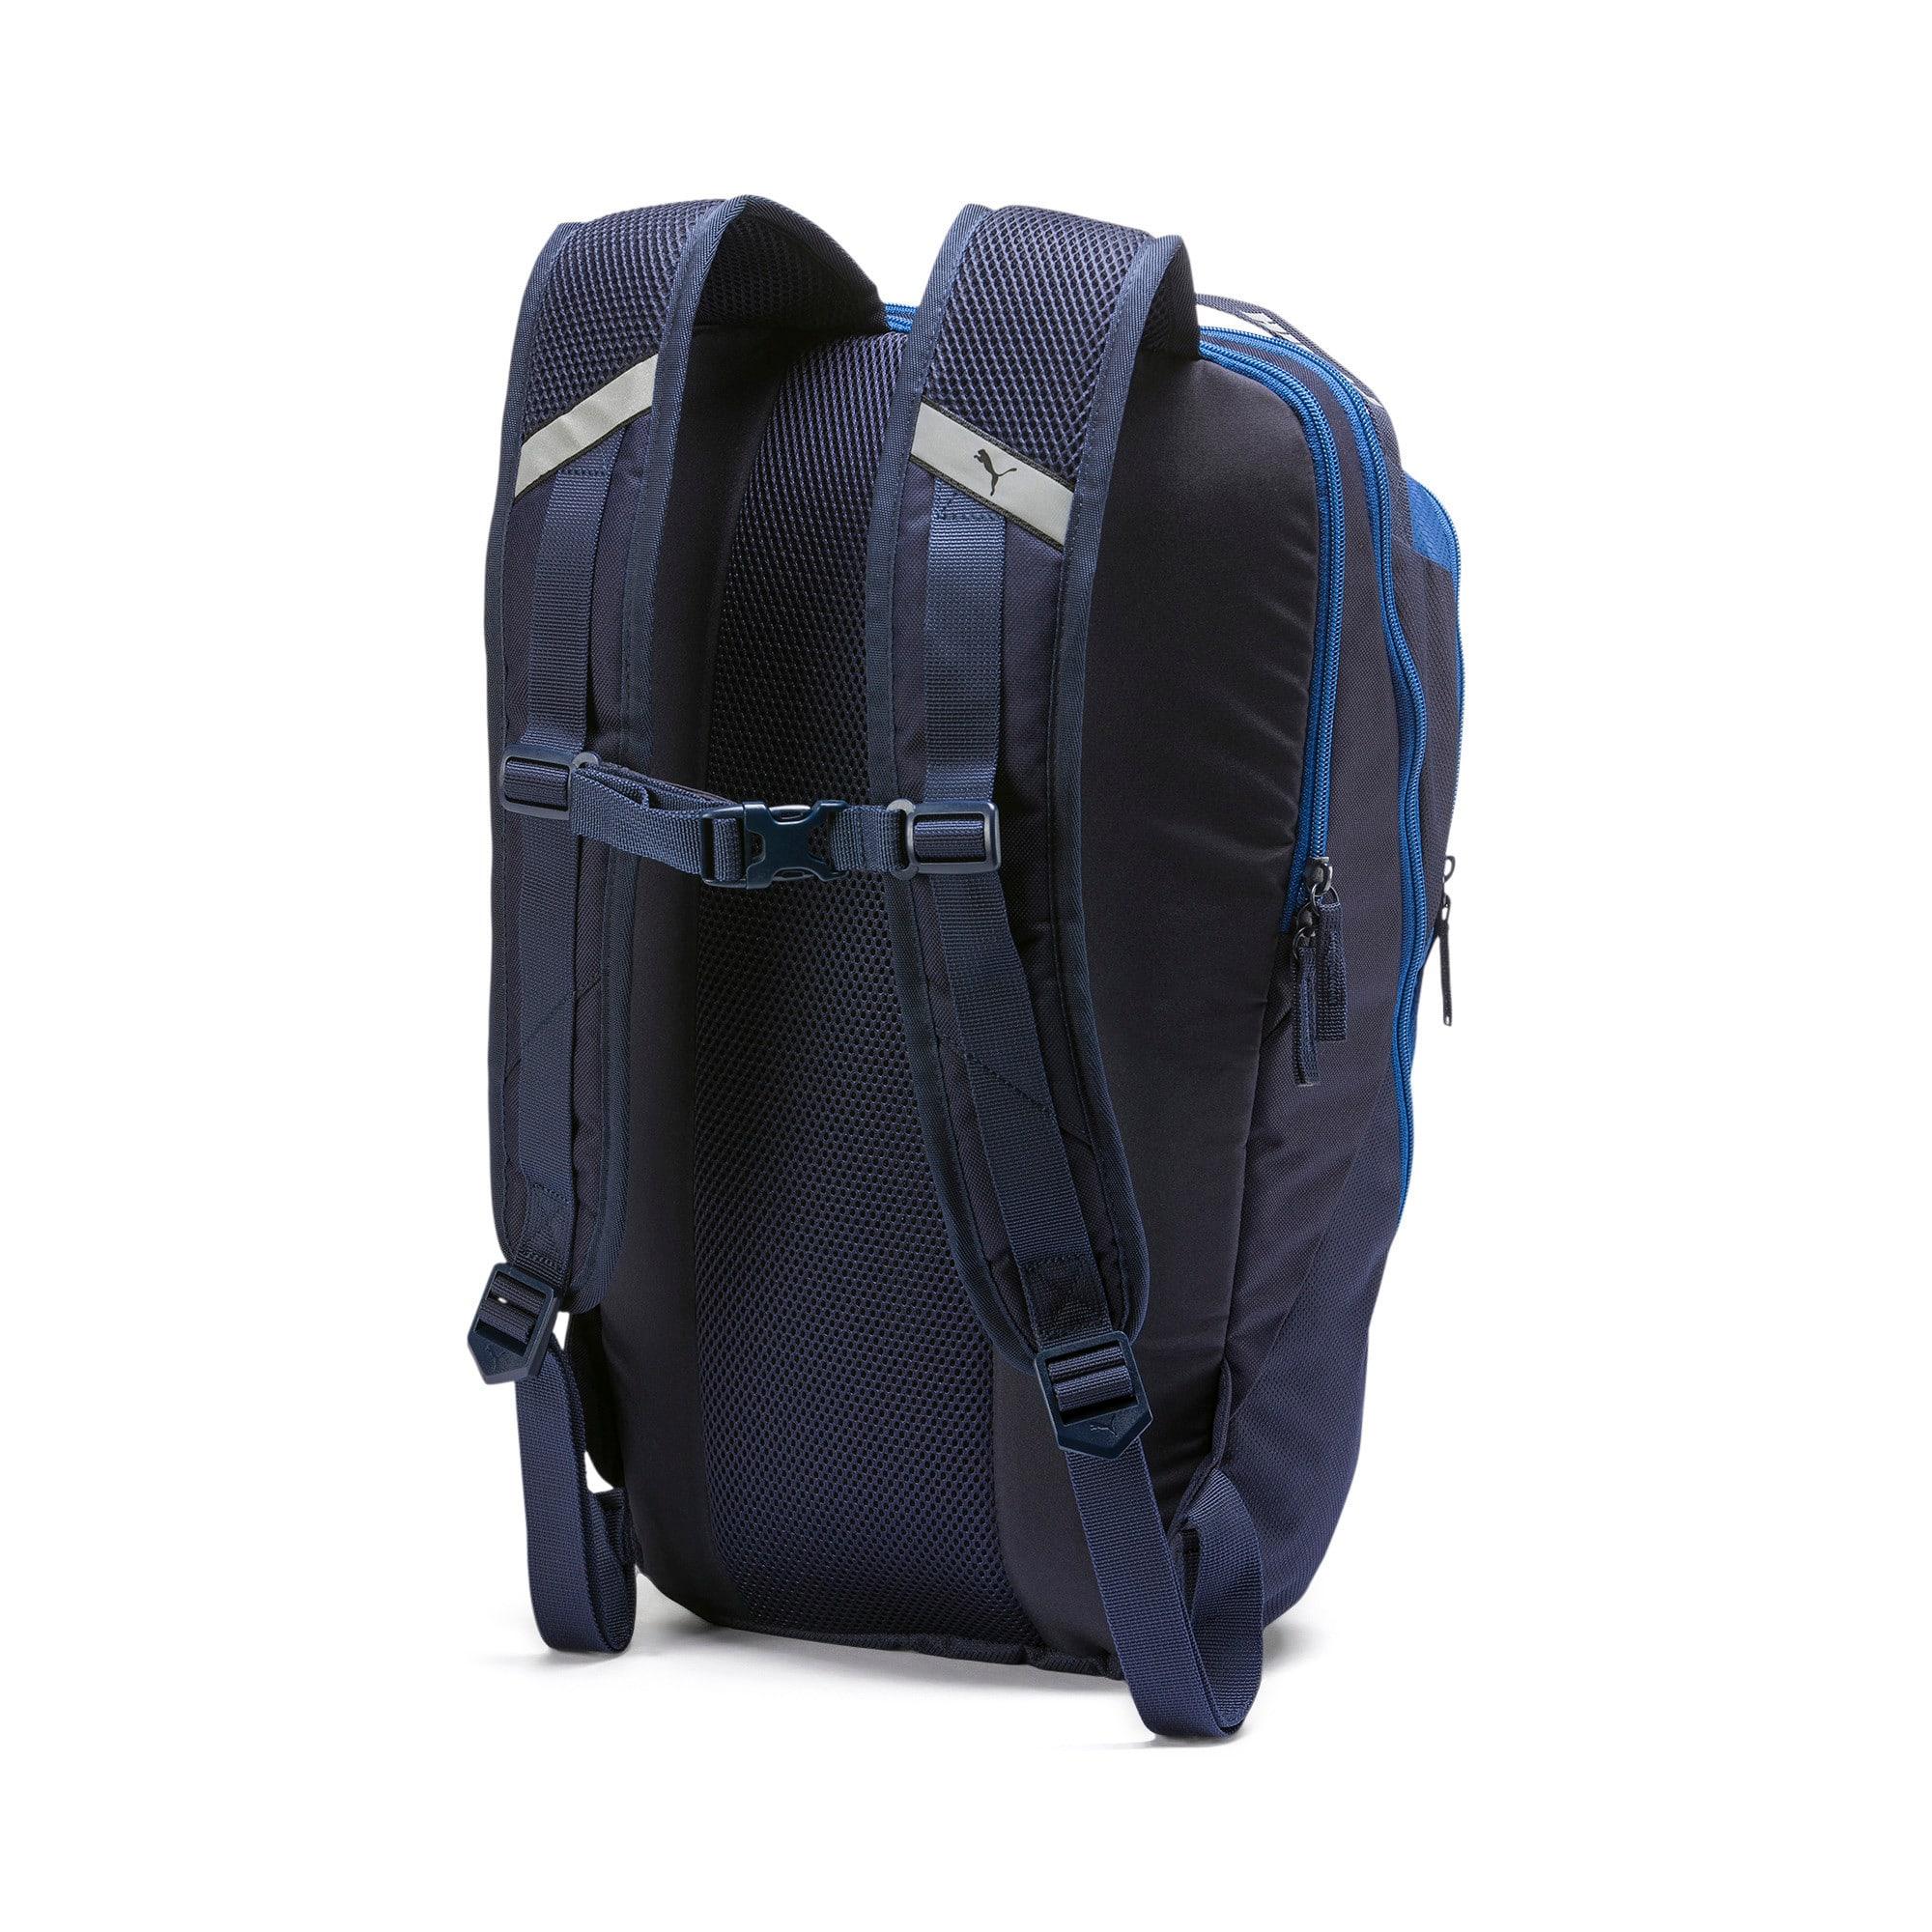 Thumbnail 2 of PUMA X Backpack, Peacoat-Galaxy Blue, medium